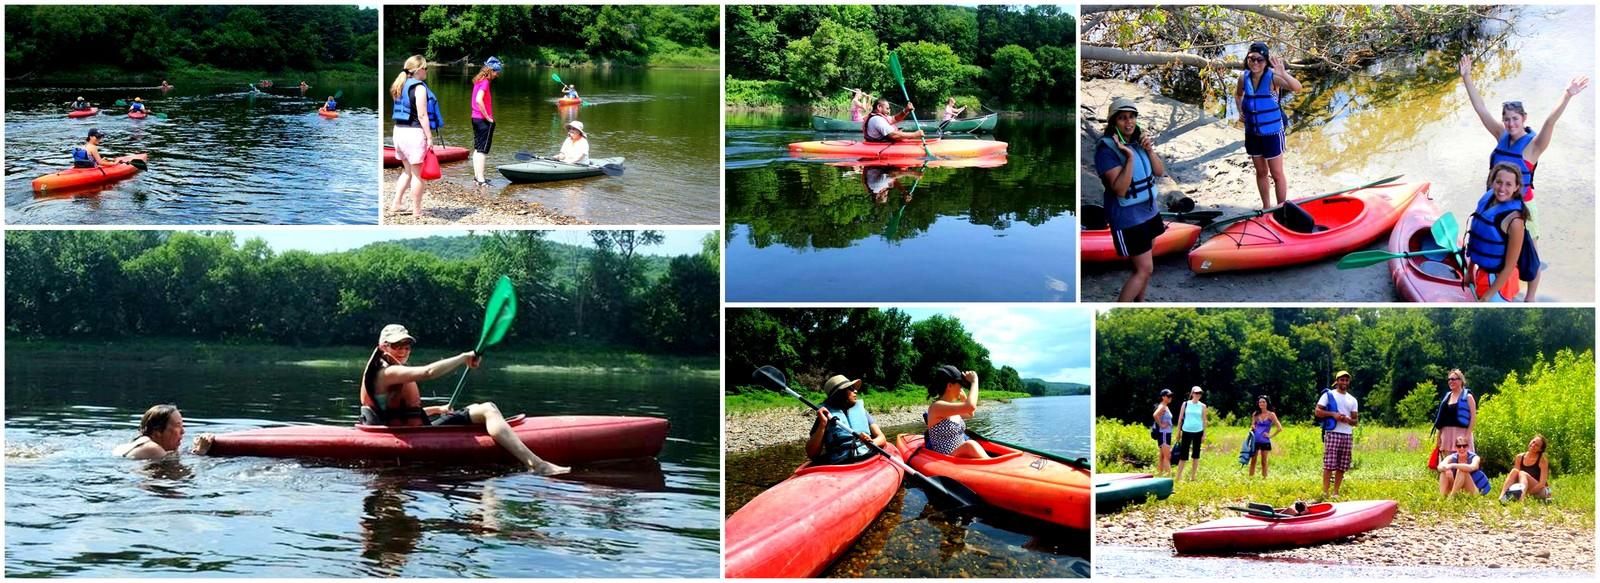 Canoe-Slider